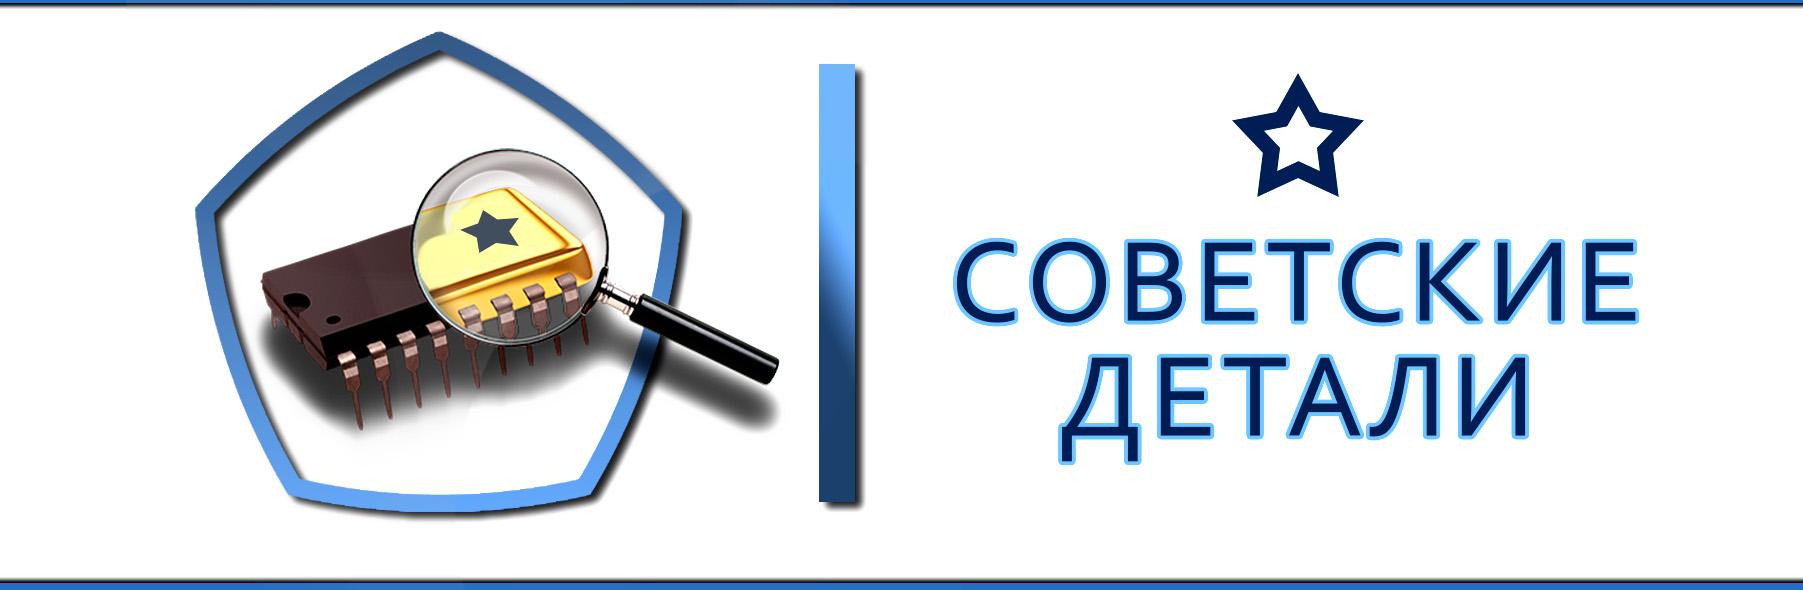 Скупка радиодеталей логотип большой-2